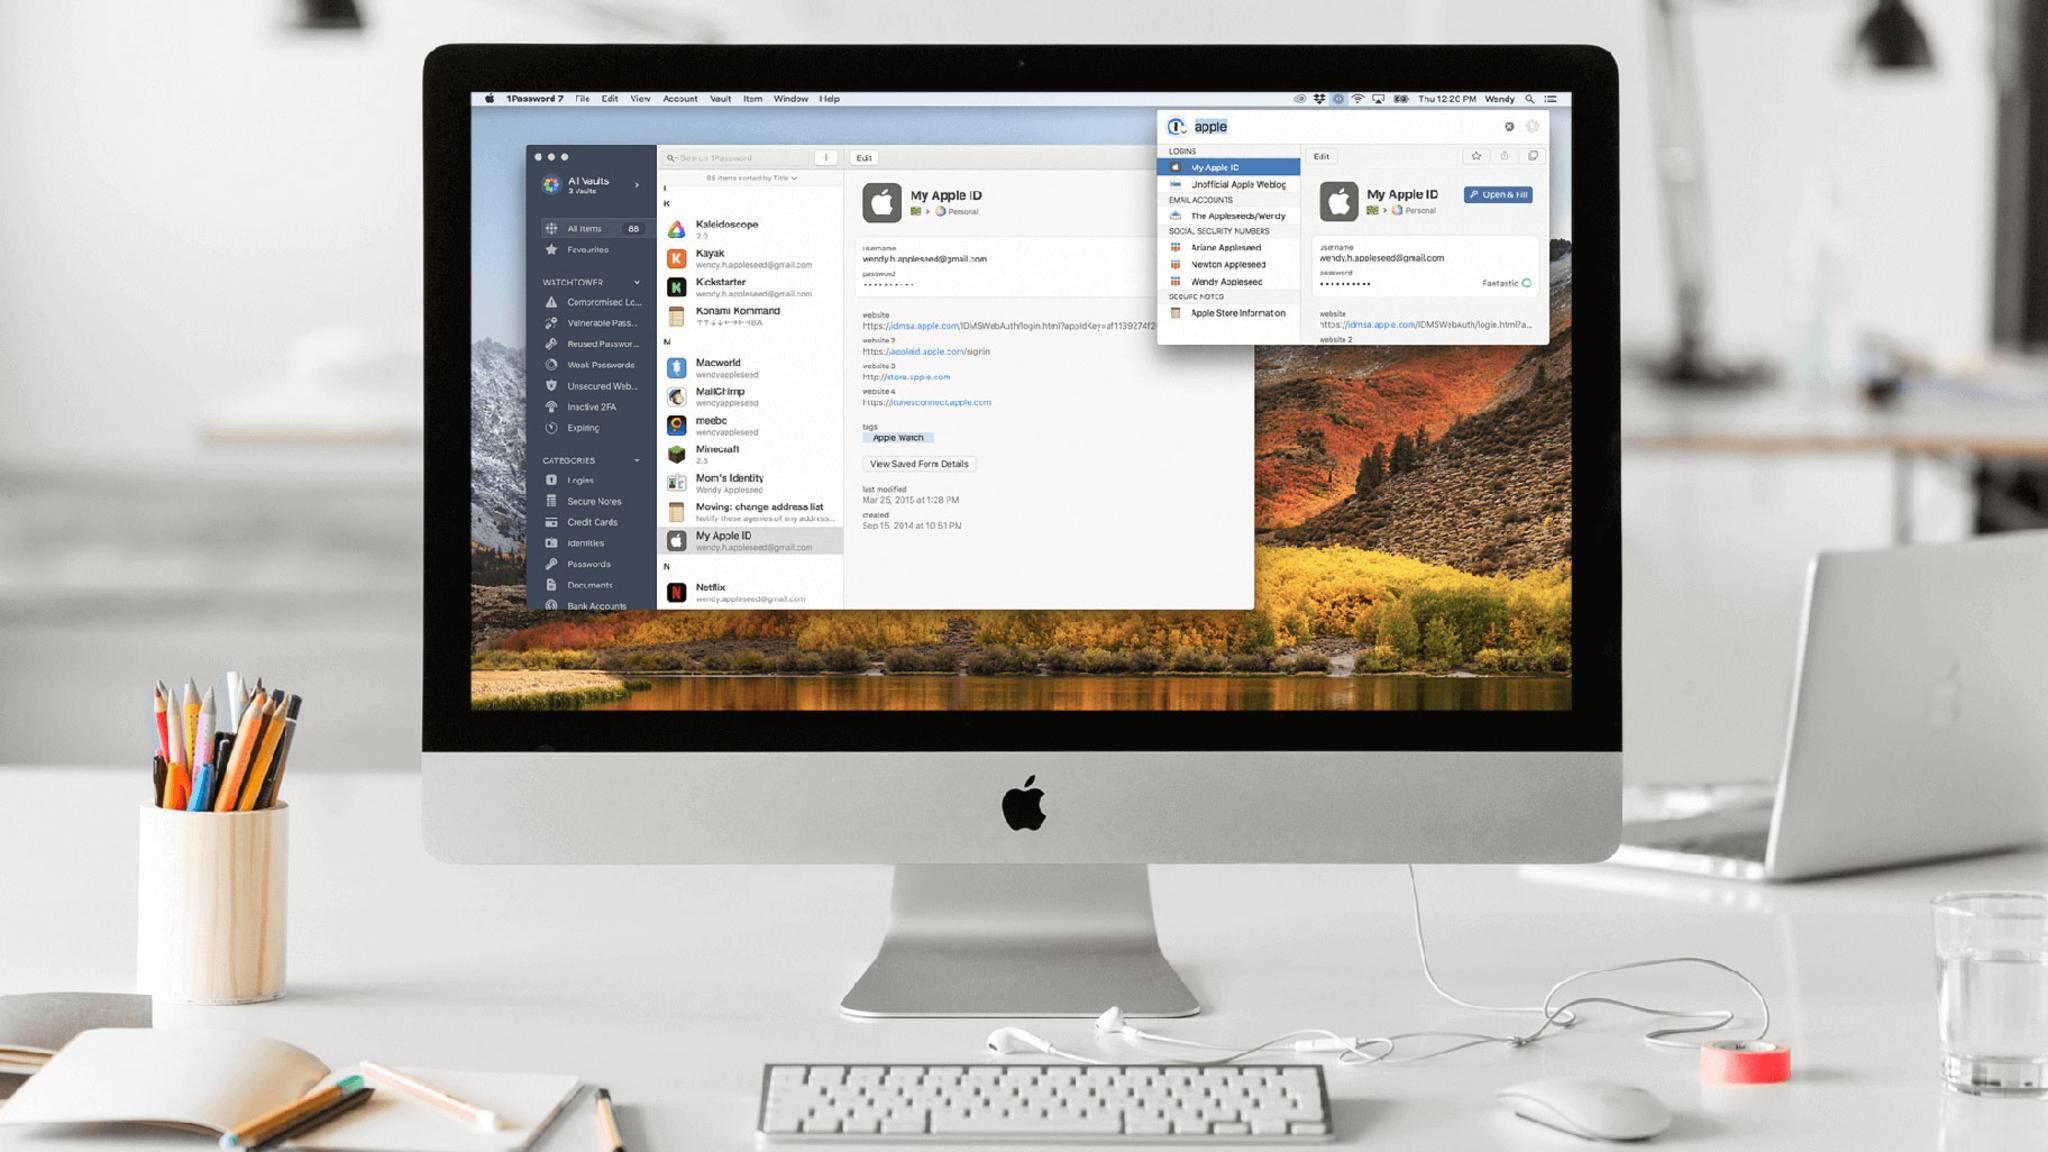 Du hast Probleme mit 1Password auf dem Mac? Wir haben die Lösung.